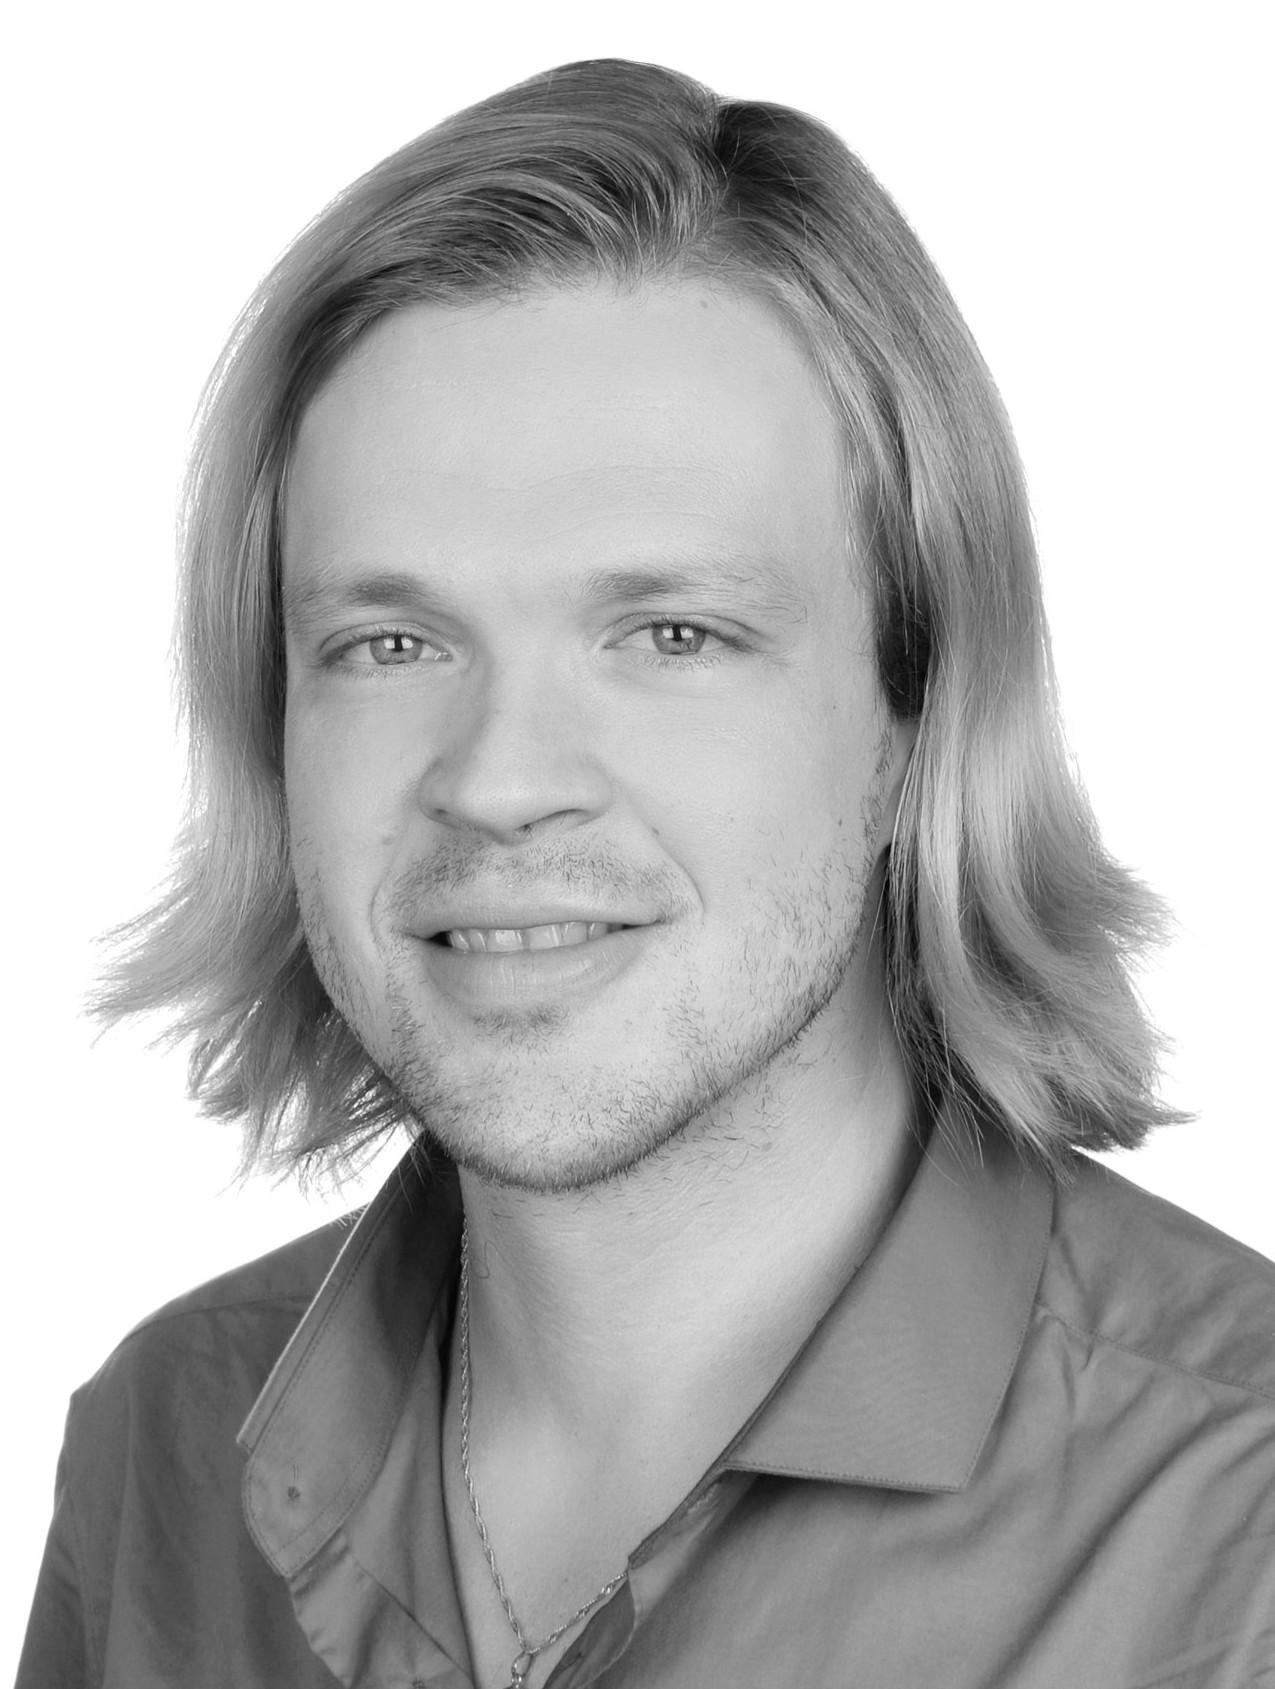 Tim Glogner